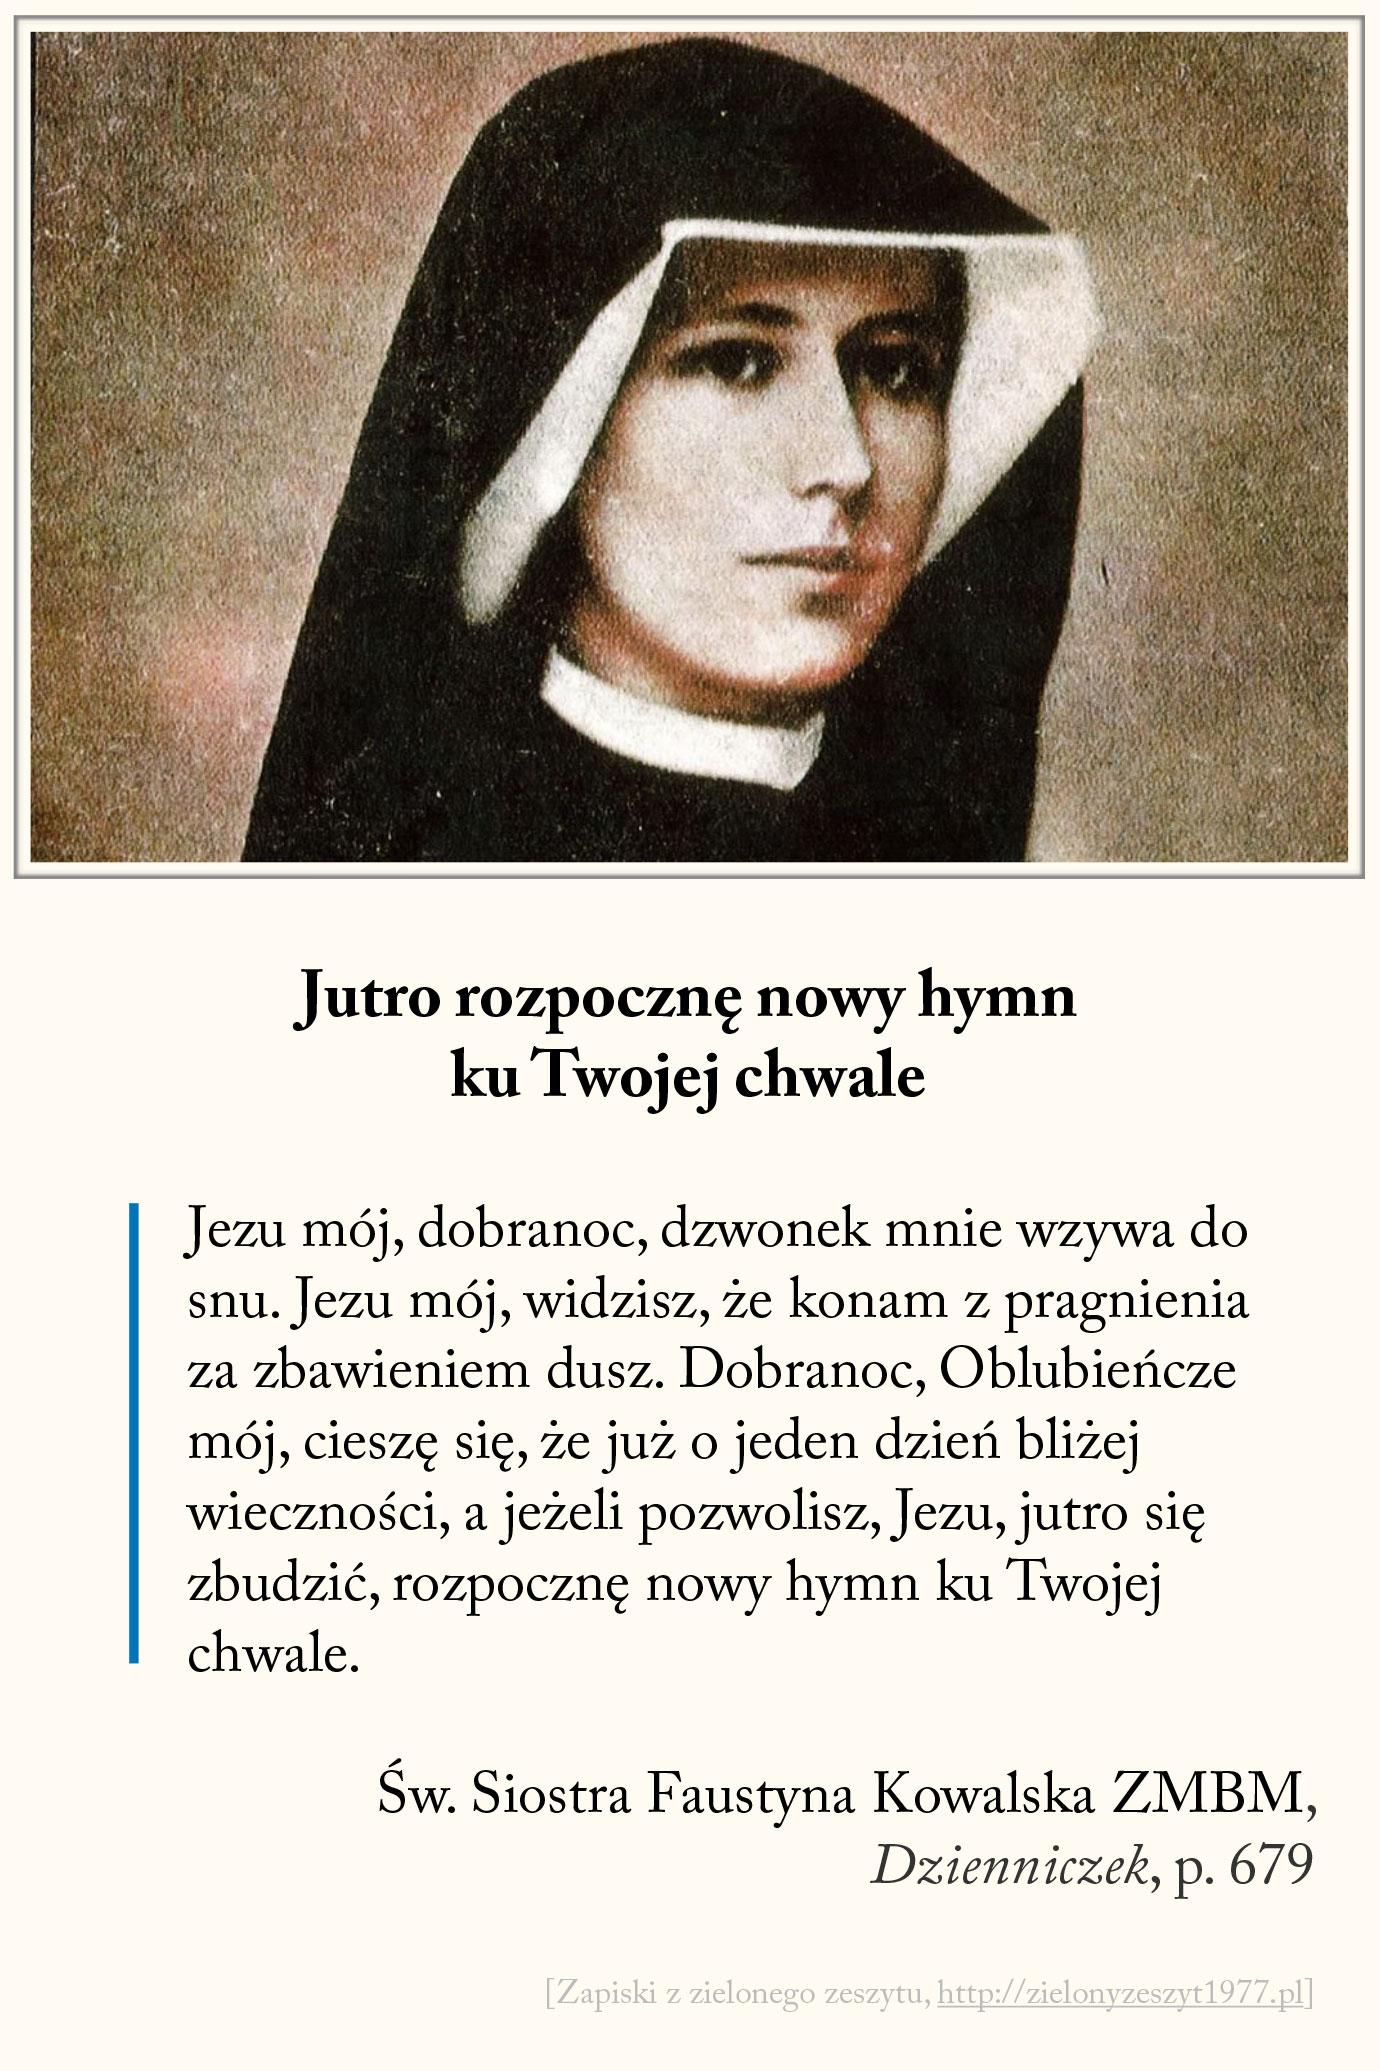 Jutro rozpocznę nowy hymn ku Twojej chwale, św. Faustyna Kowalska